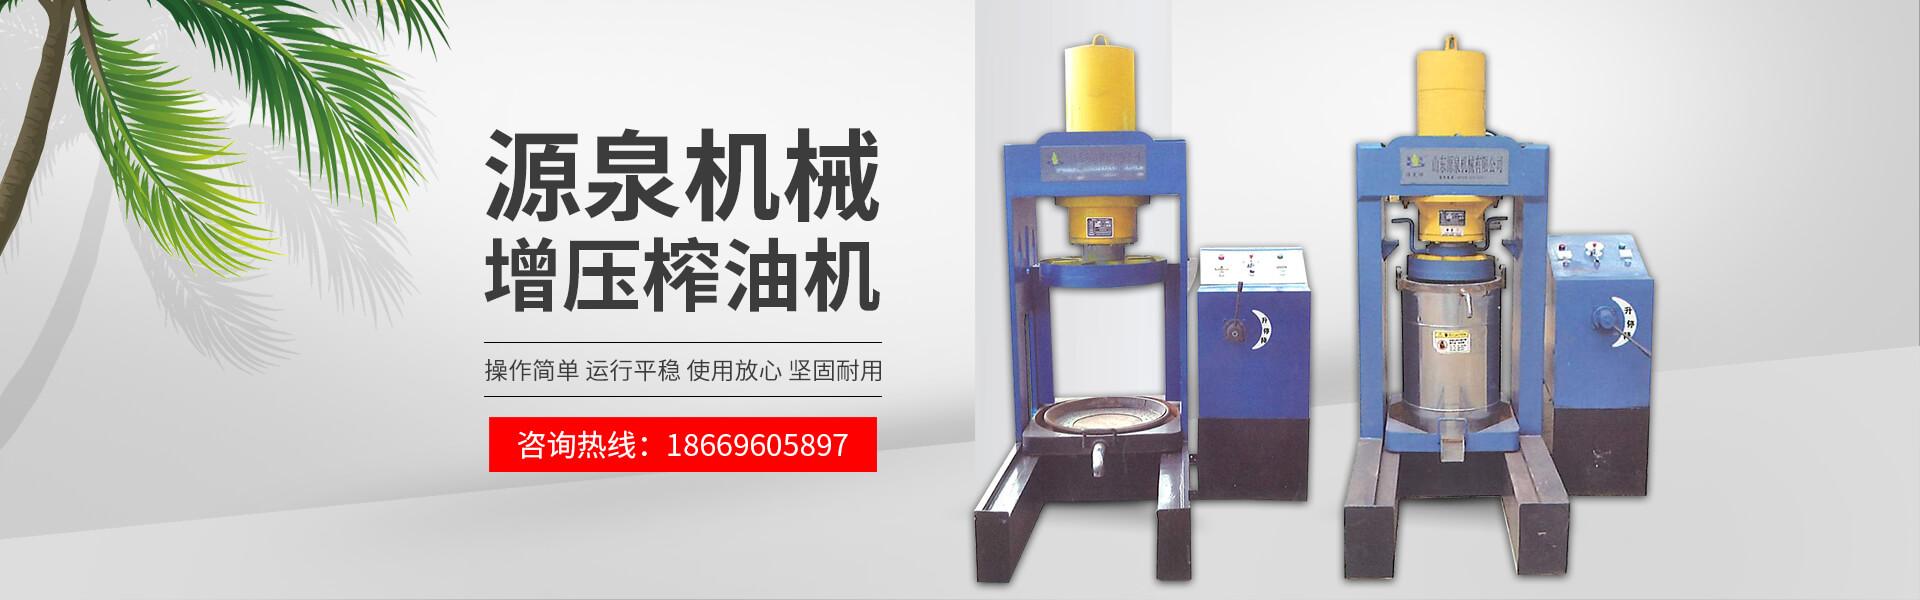 山东源泉机械-专业生产多功能榨油机和液压榨油机的厂家